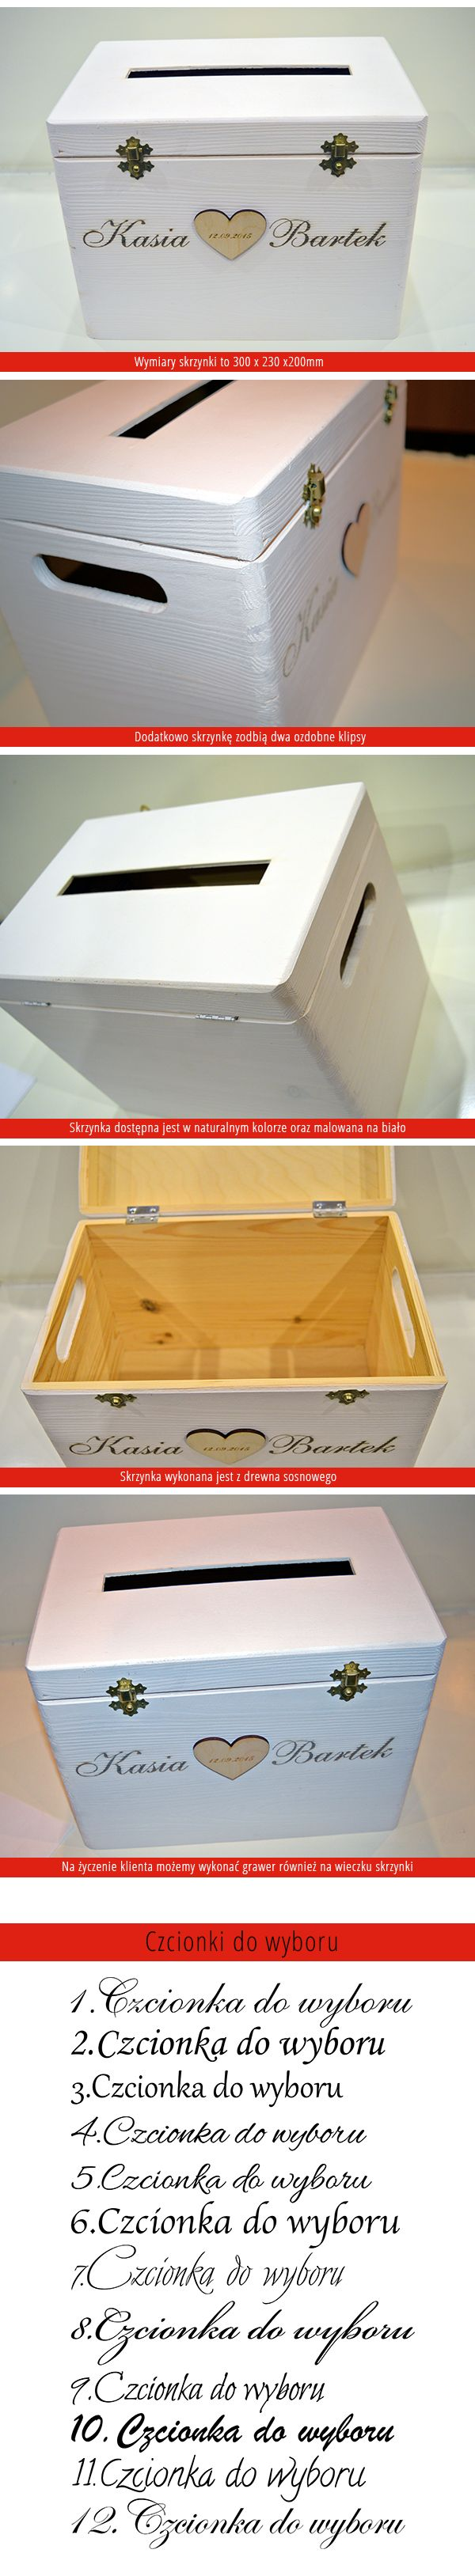 Drewniana skrzynka na koperty ślubne biała - Grawernia24